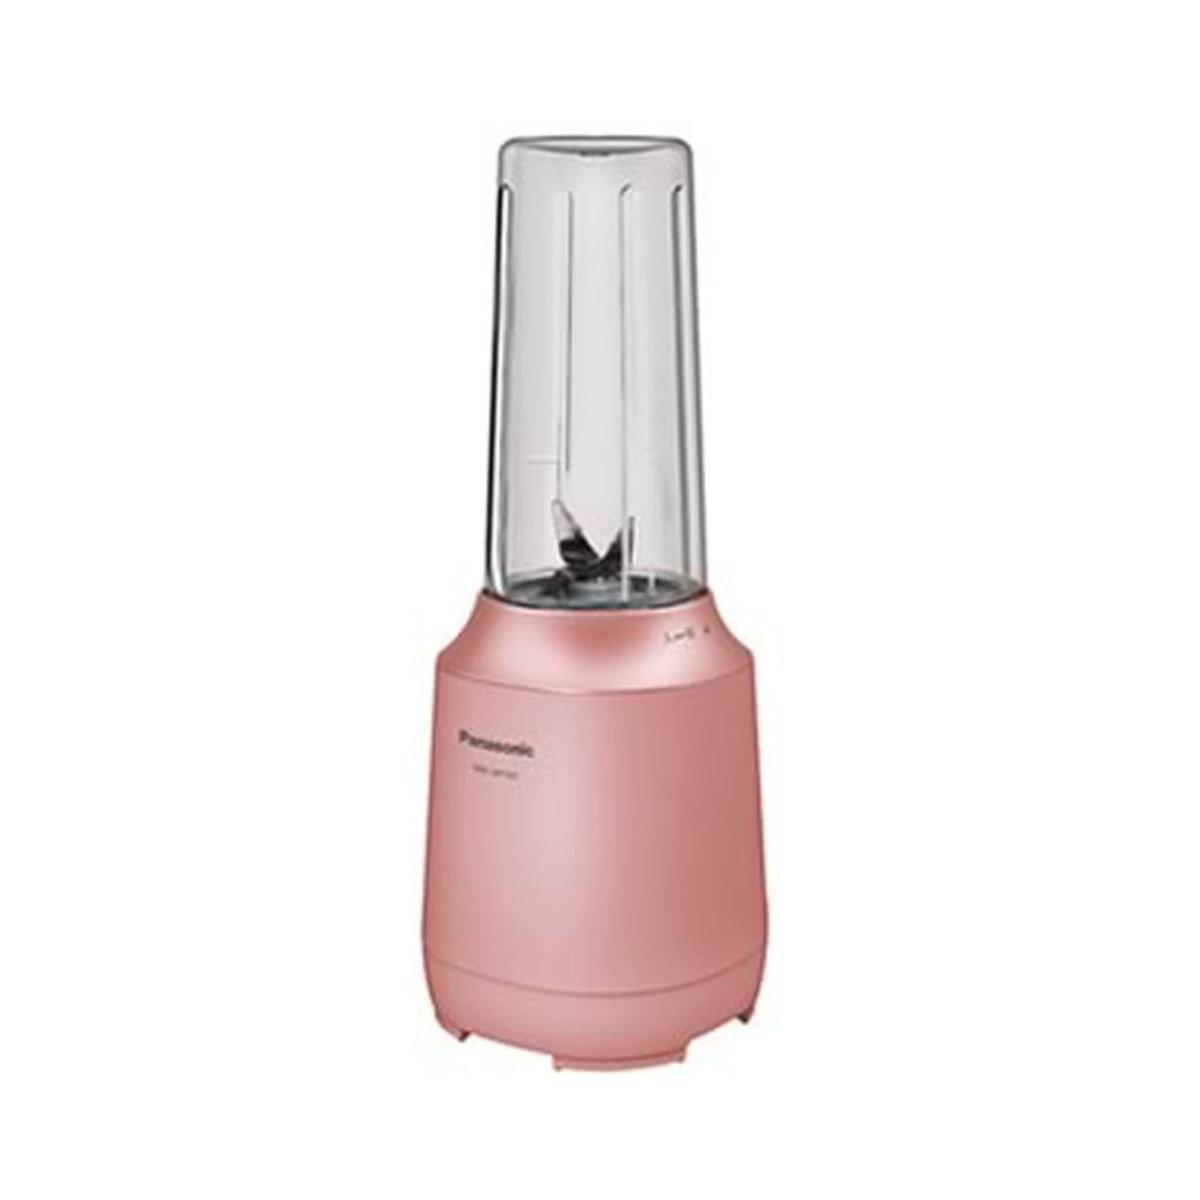 便攜式攪拌機 - MX-XP101 (櫻粉紅) + 額外便攜杯一隻